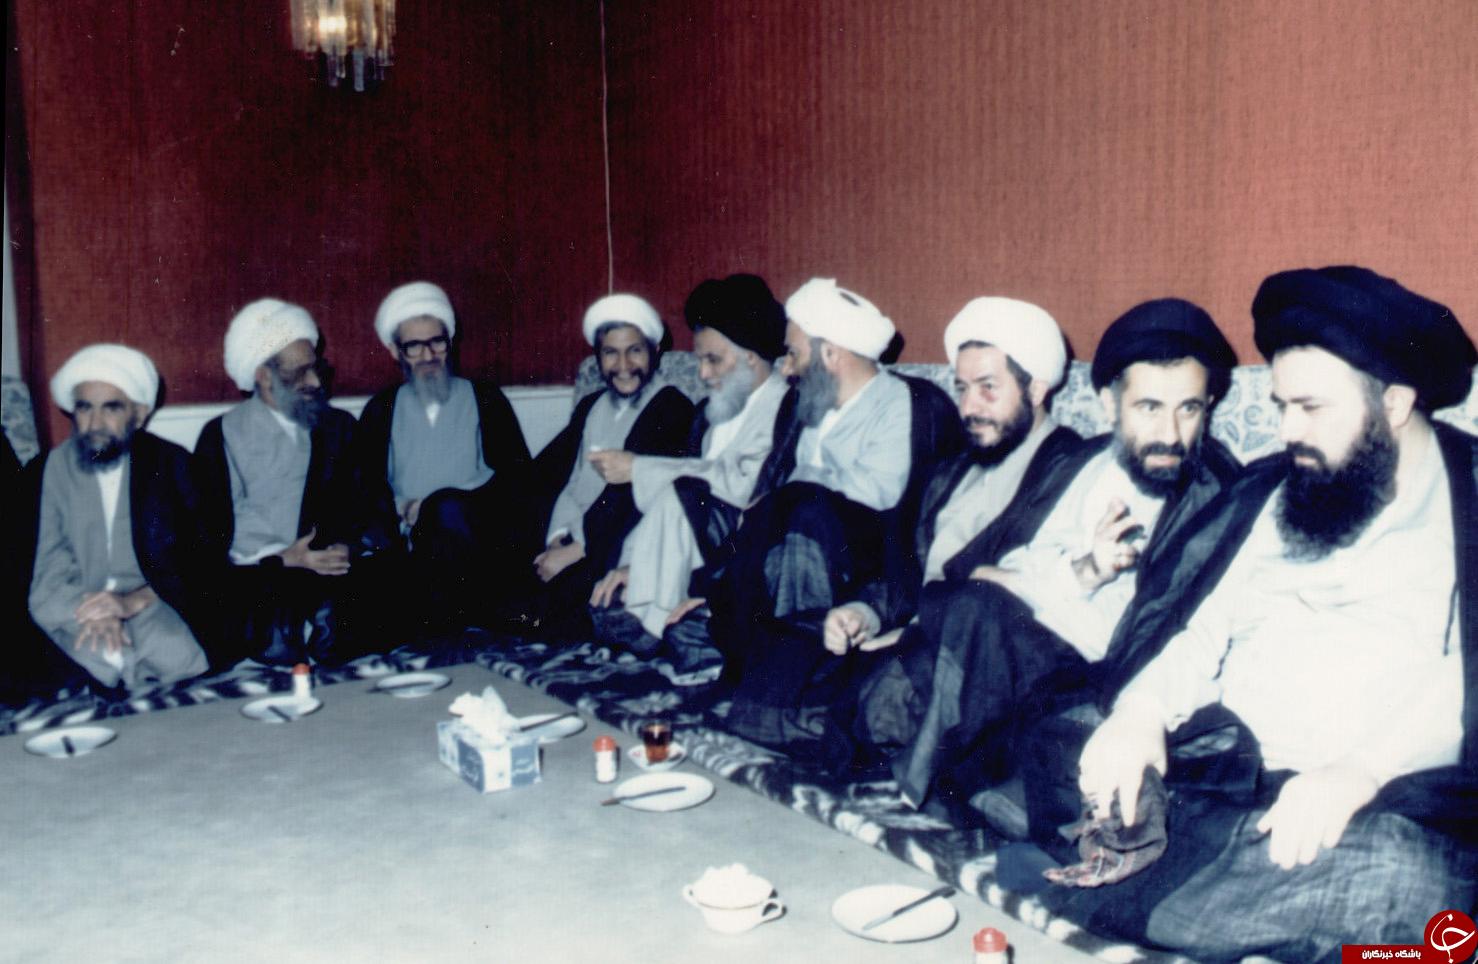 نخستین نشست مجلس خبرگان رهبری + عکس